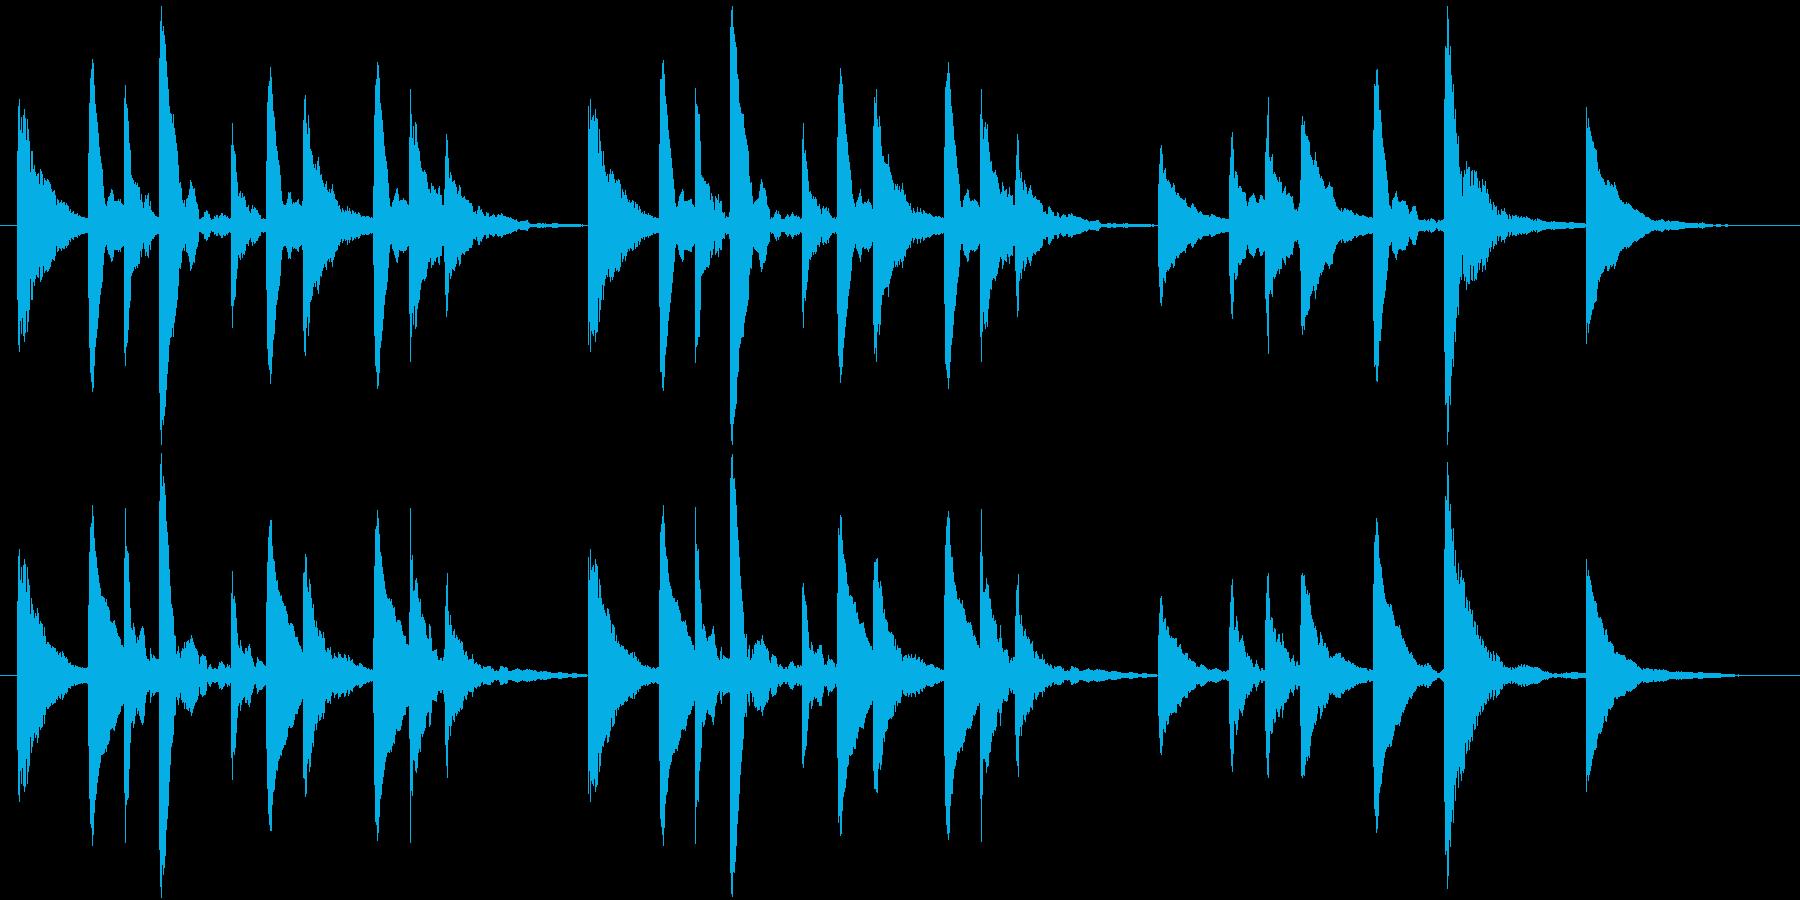 穏やか、ほのぼのとしたマリンバのジングルの再生済みの波形